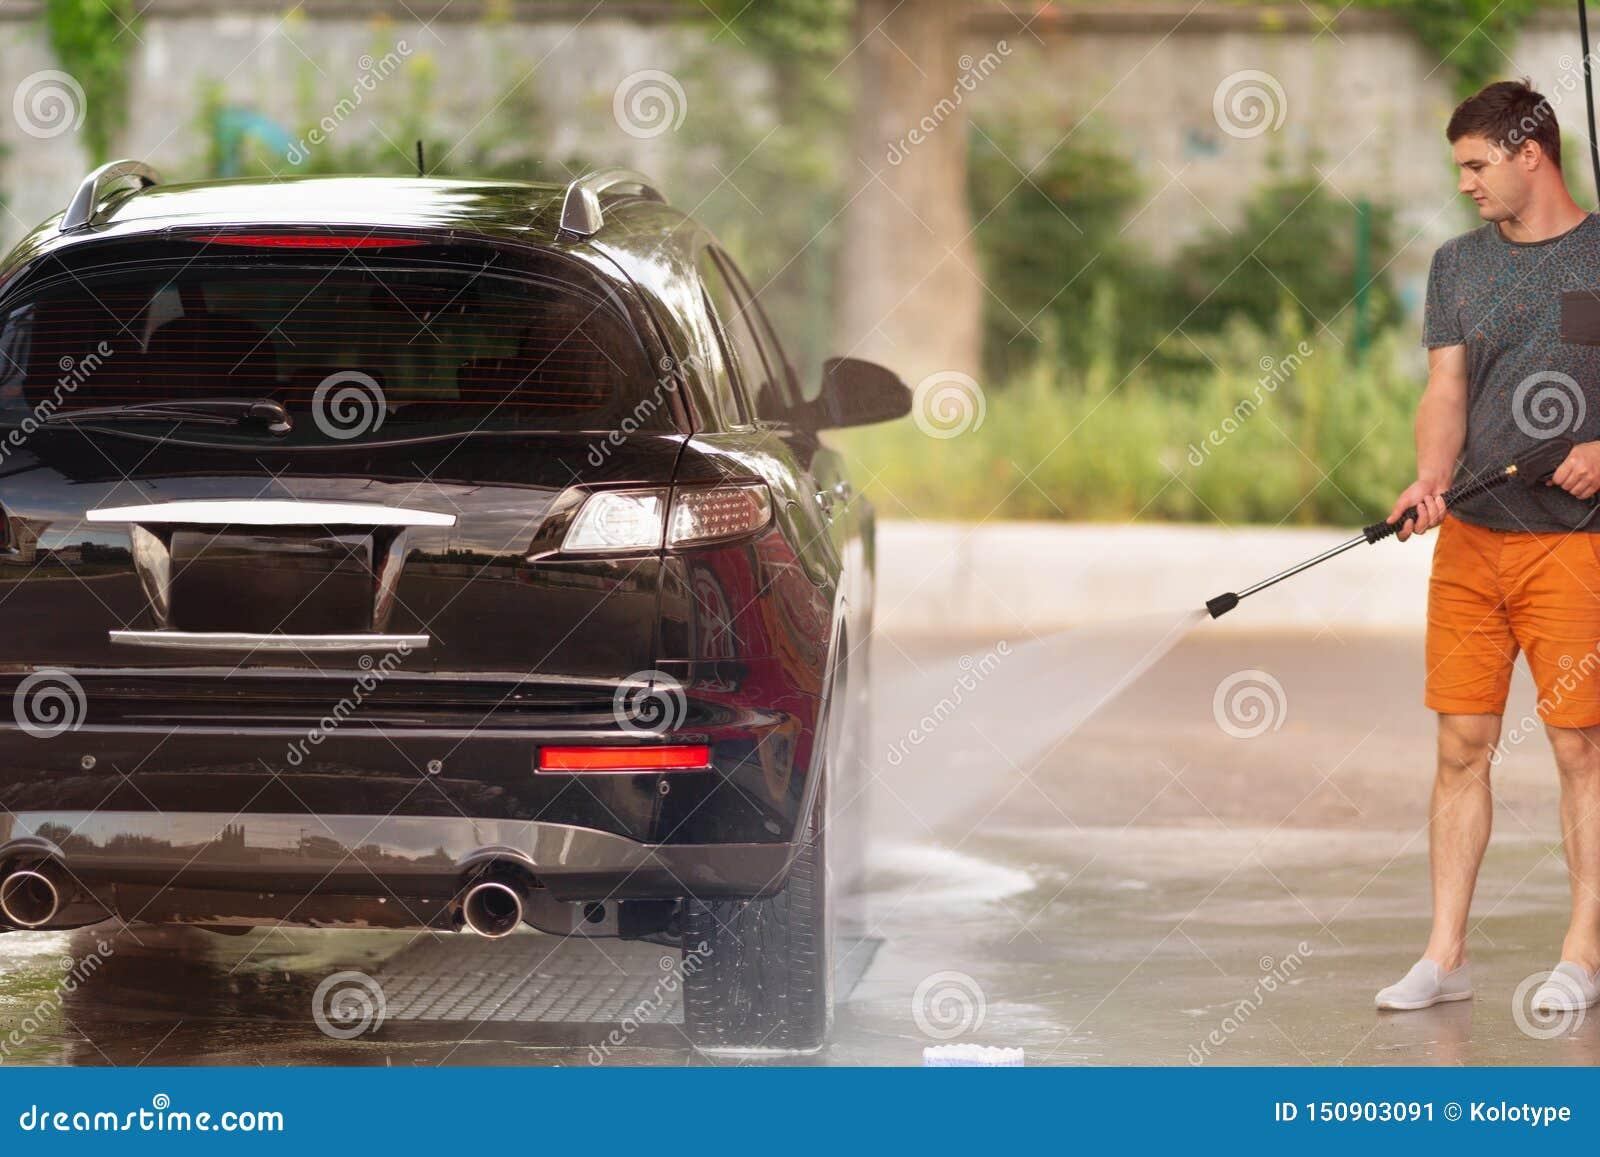 Jonge mens die zijn auto wassen bij de autowasserette